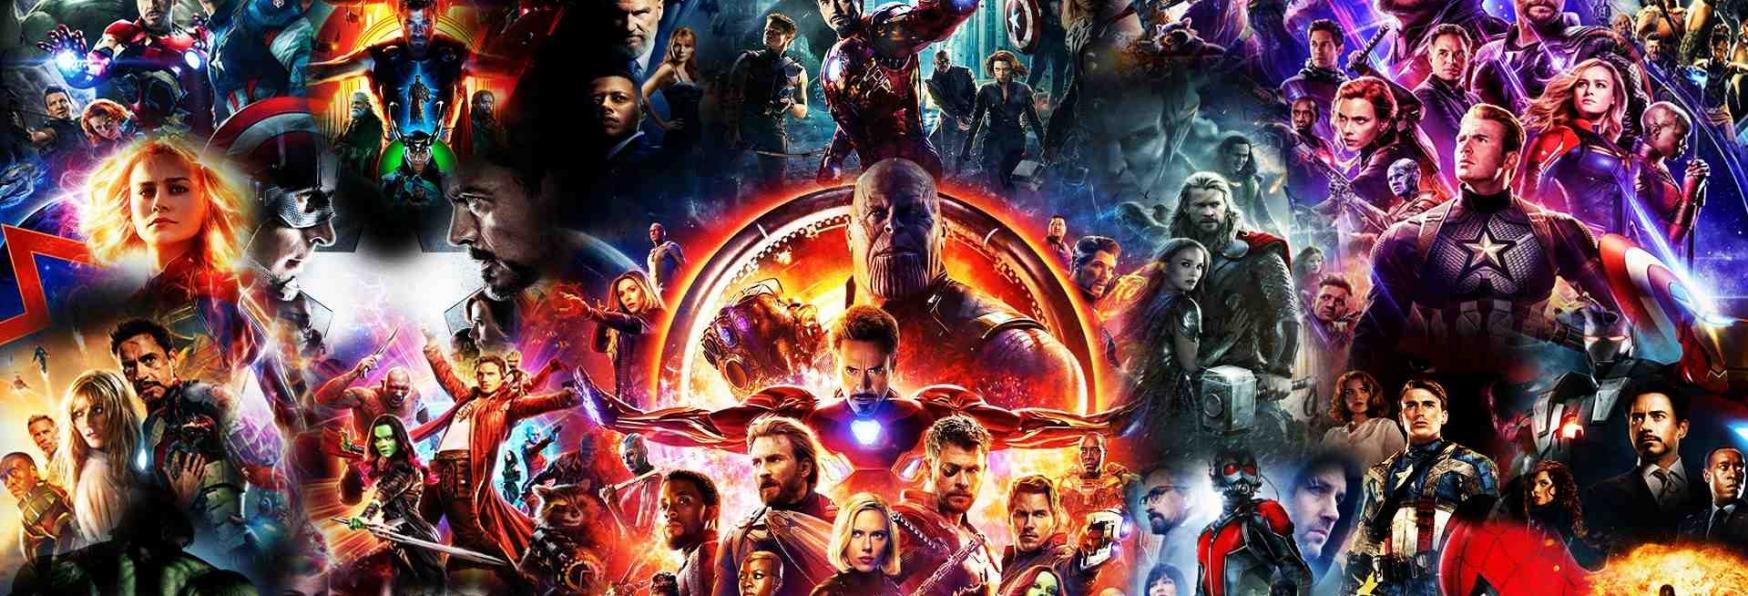 Disney+ svela la nuova Timeline del Marvel Cinematic Universe